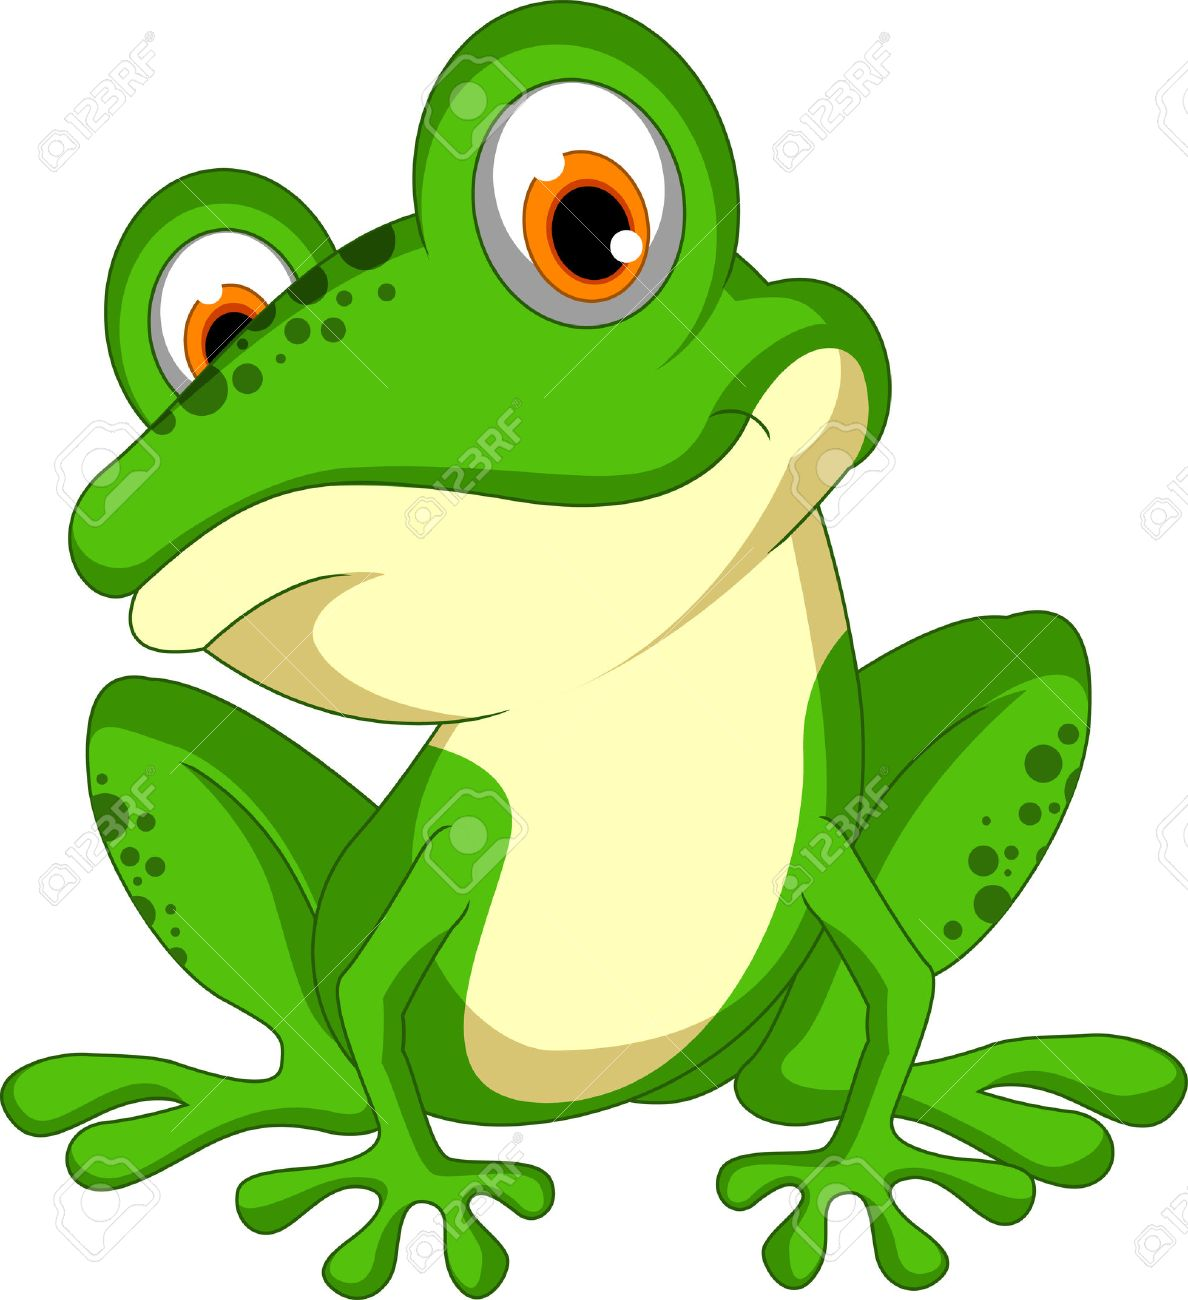 Lustig Grüner Frosch Cartoon Sitz Lizenzfrei Nutzbare Vektorgrafiken